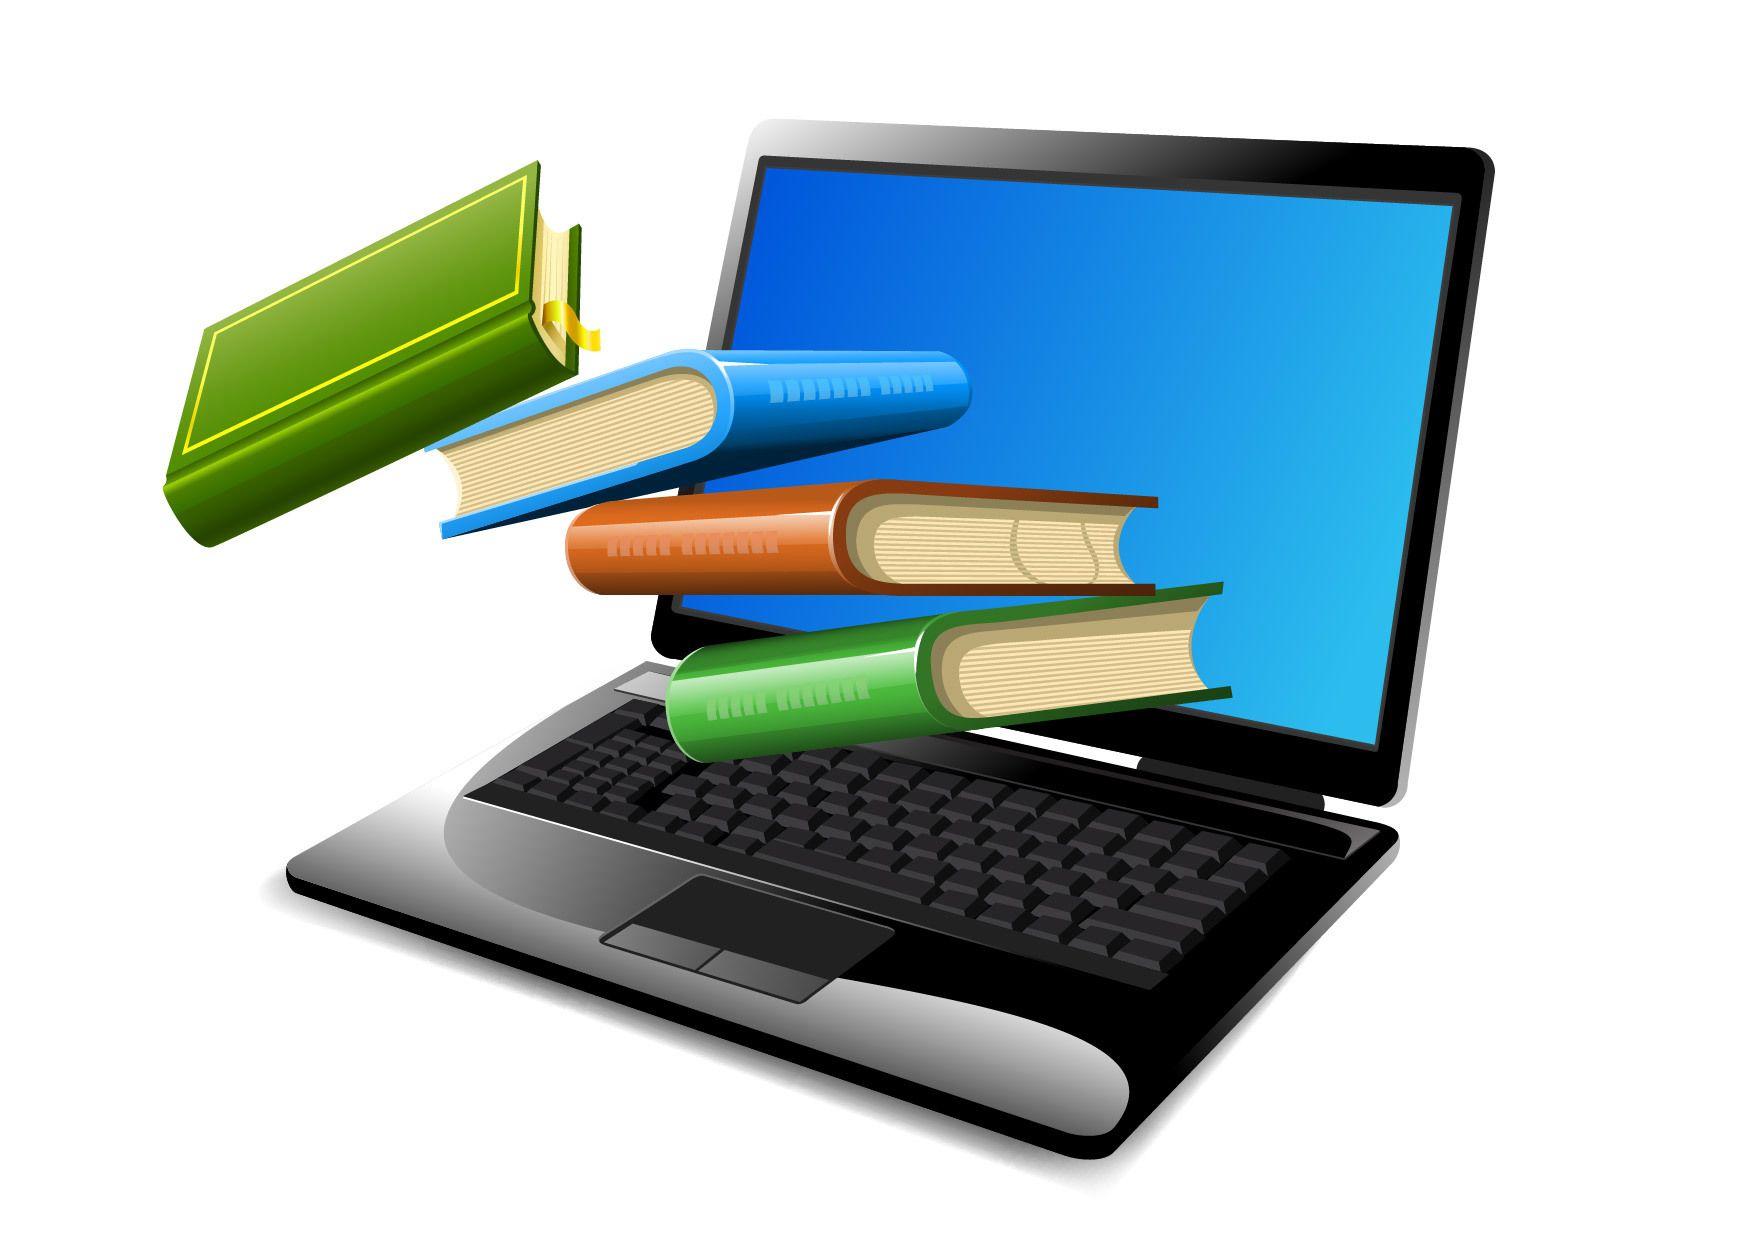 libros flotante en la computadora port u00e1til  inaugurado descargar vector library book clipart for kids library book clip art free